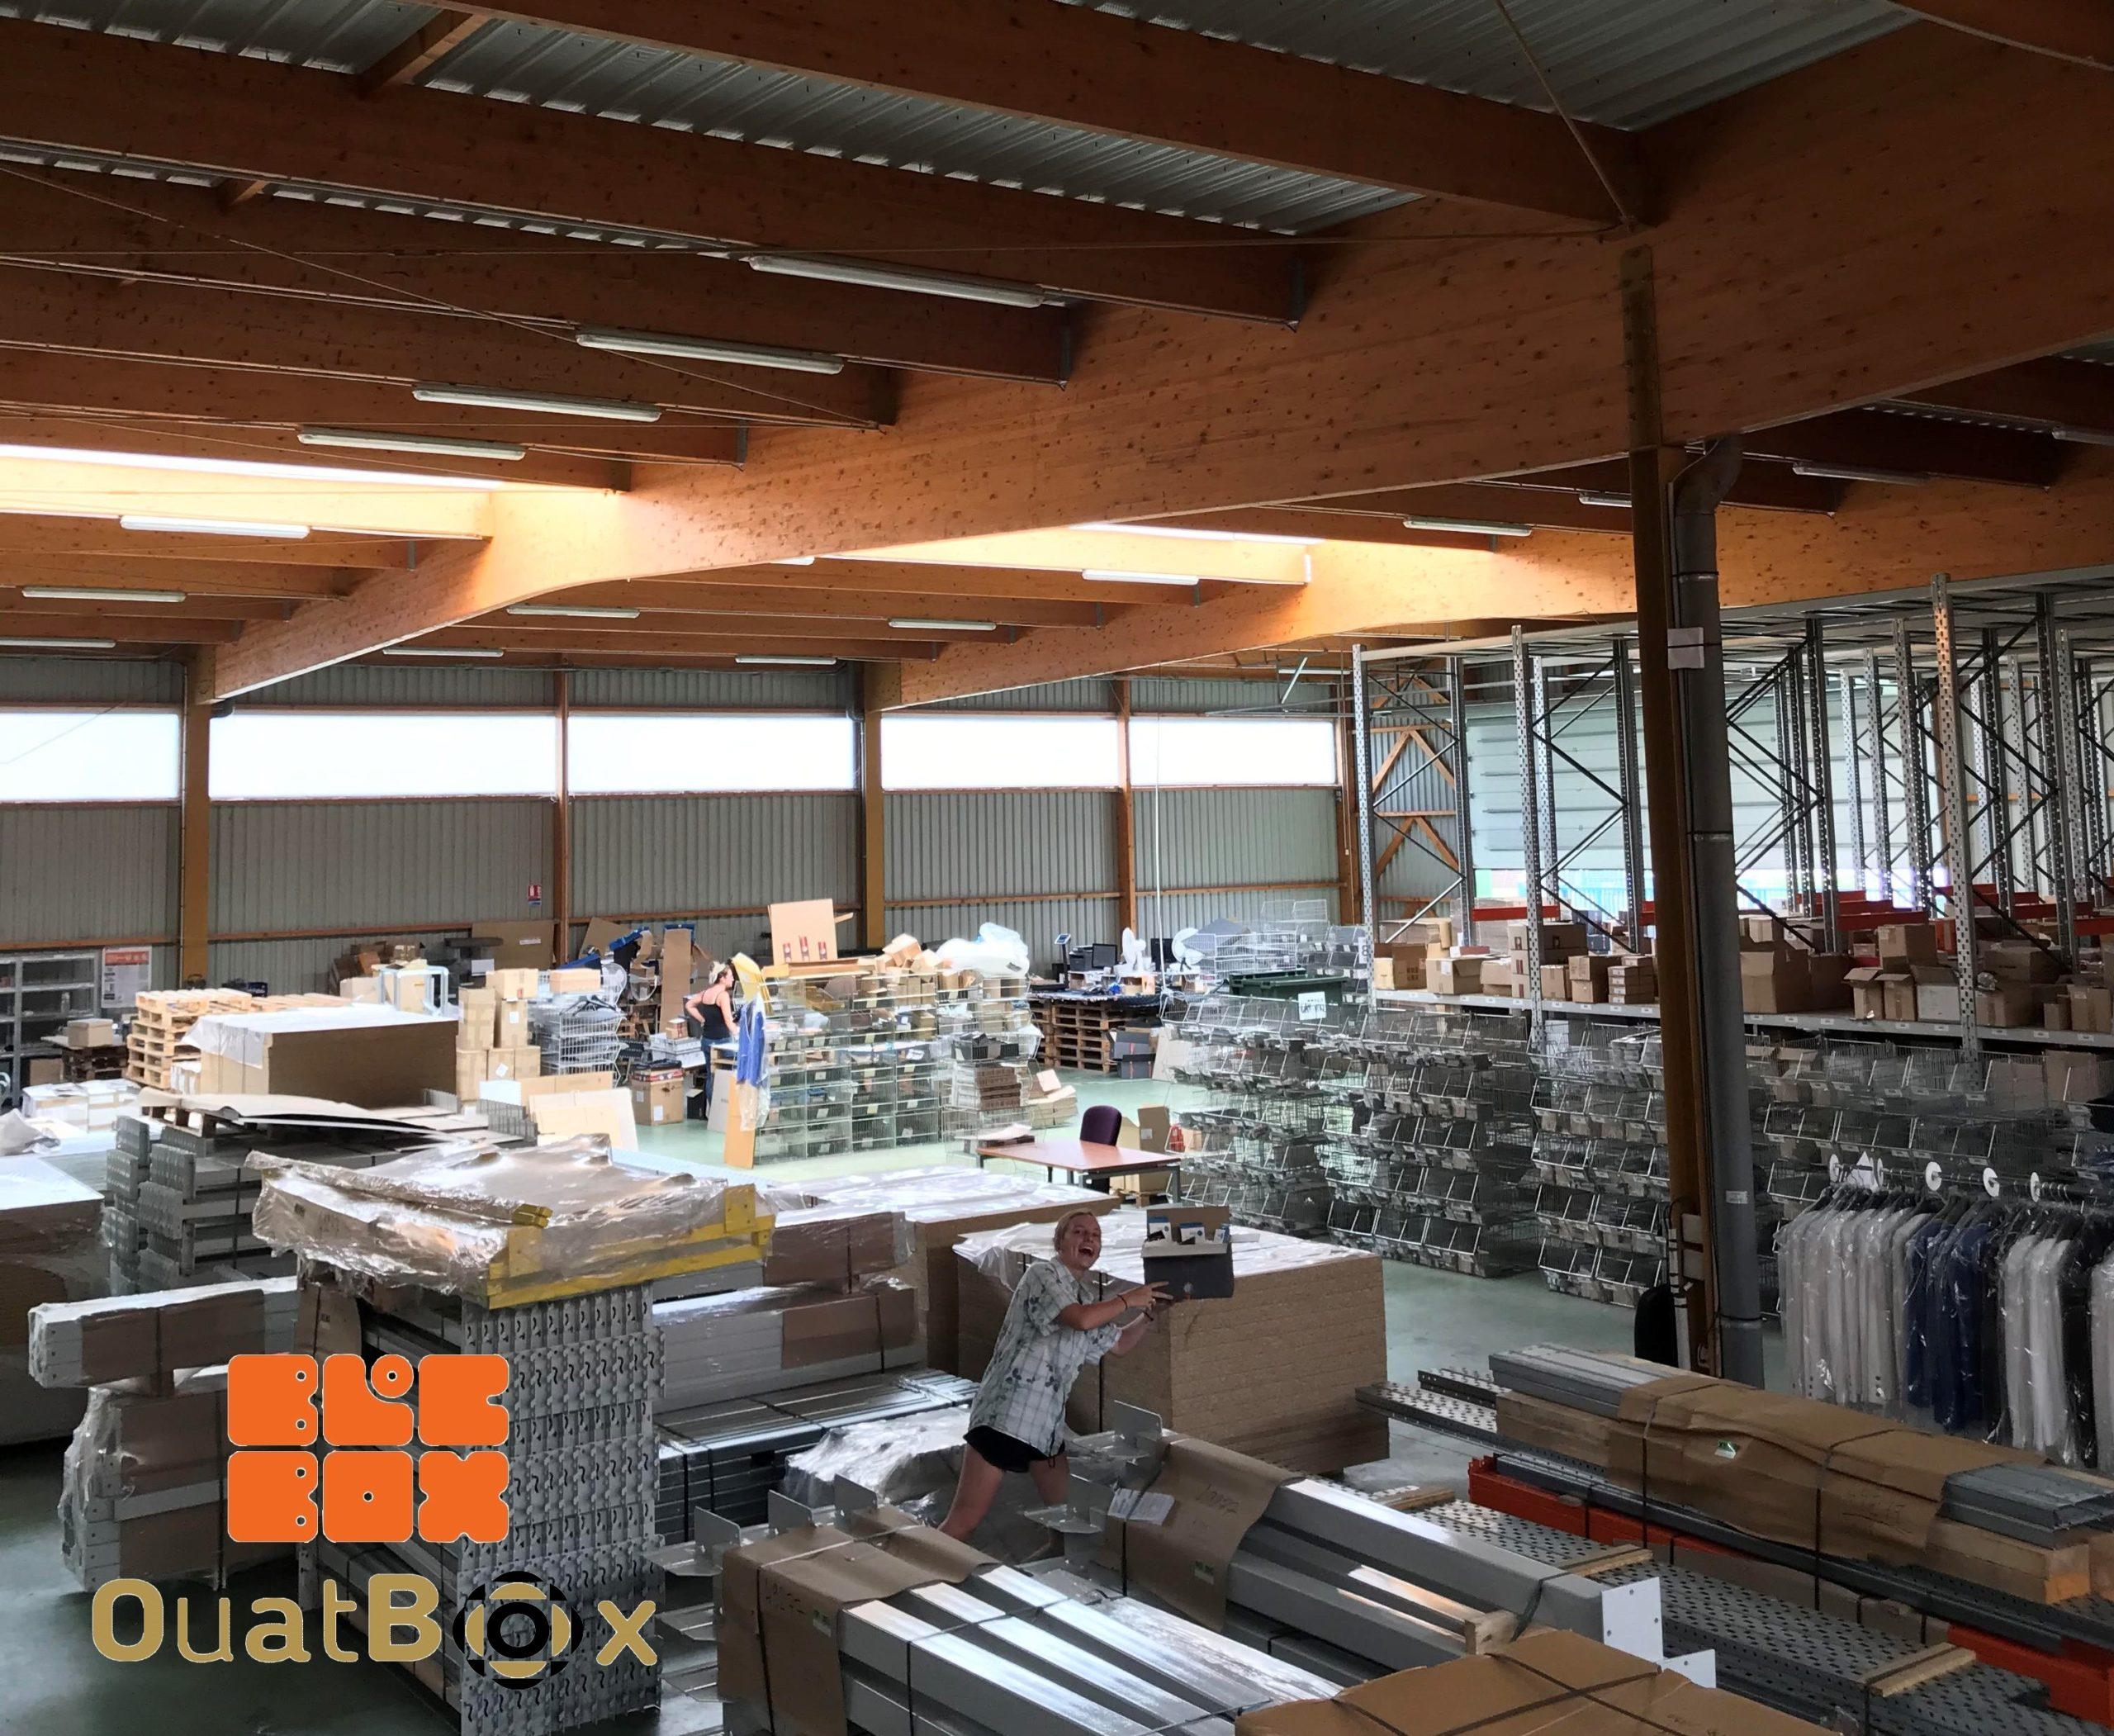 BlocBox OuatBox Entrepôt logistique Etxe logistika matière de calage